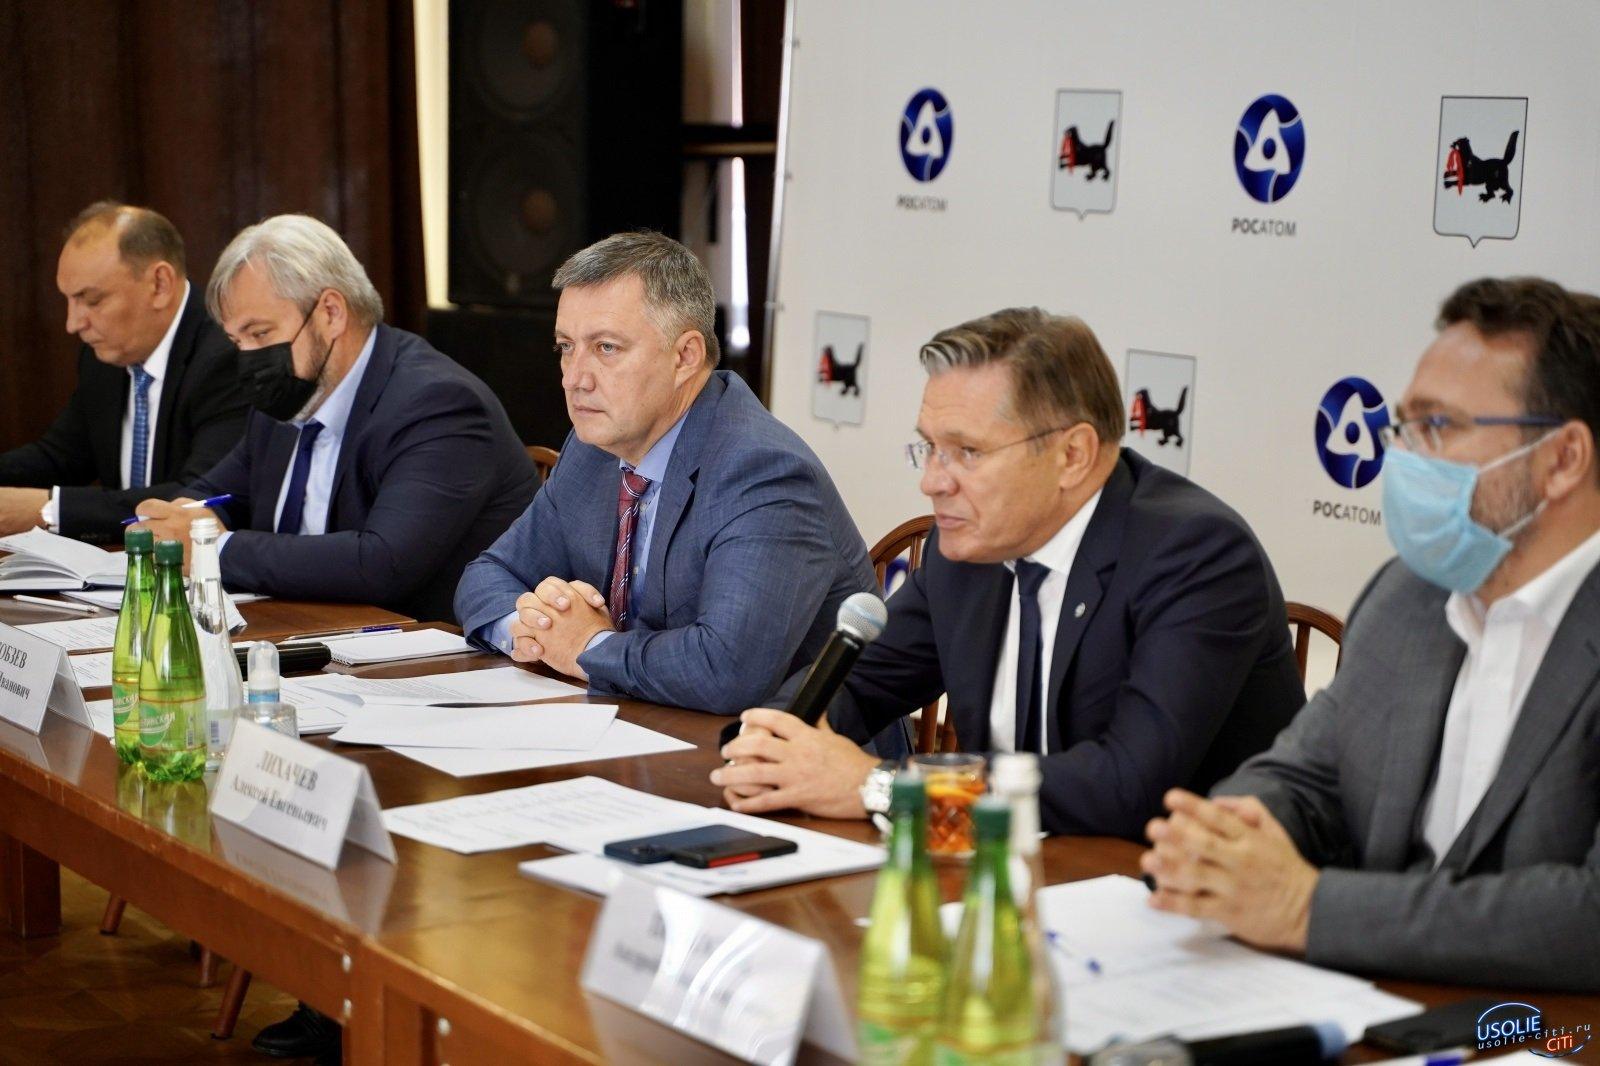 Игорь Кобзев и гендиректор Росатома поговорили о развитии Усолья-Сибирского